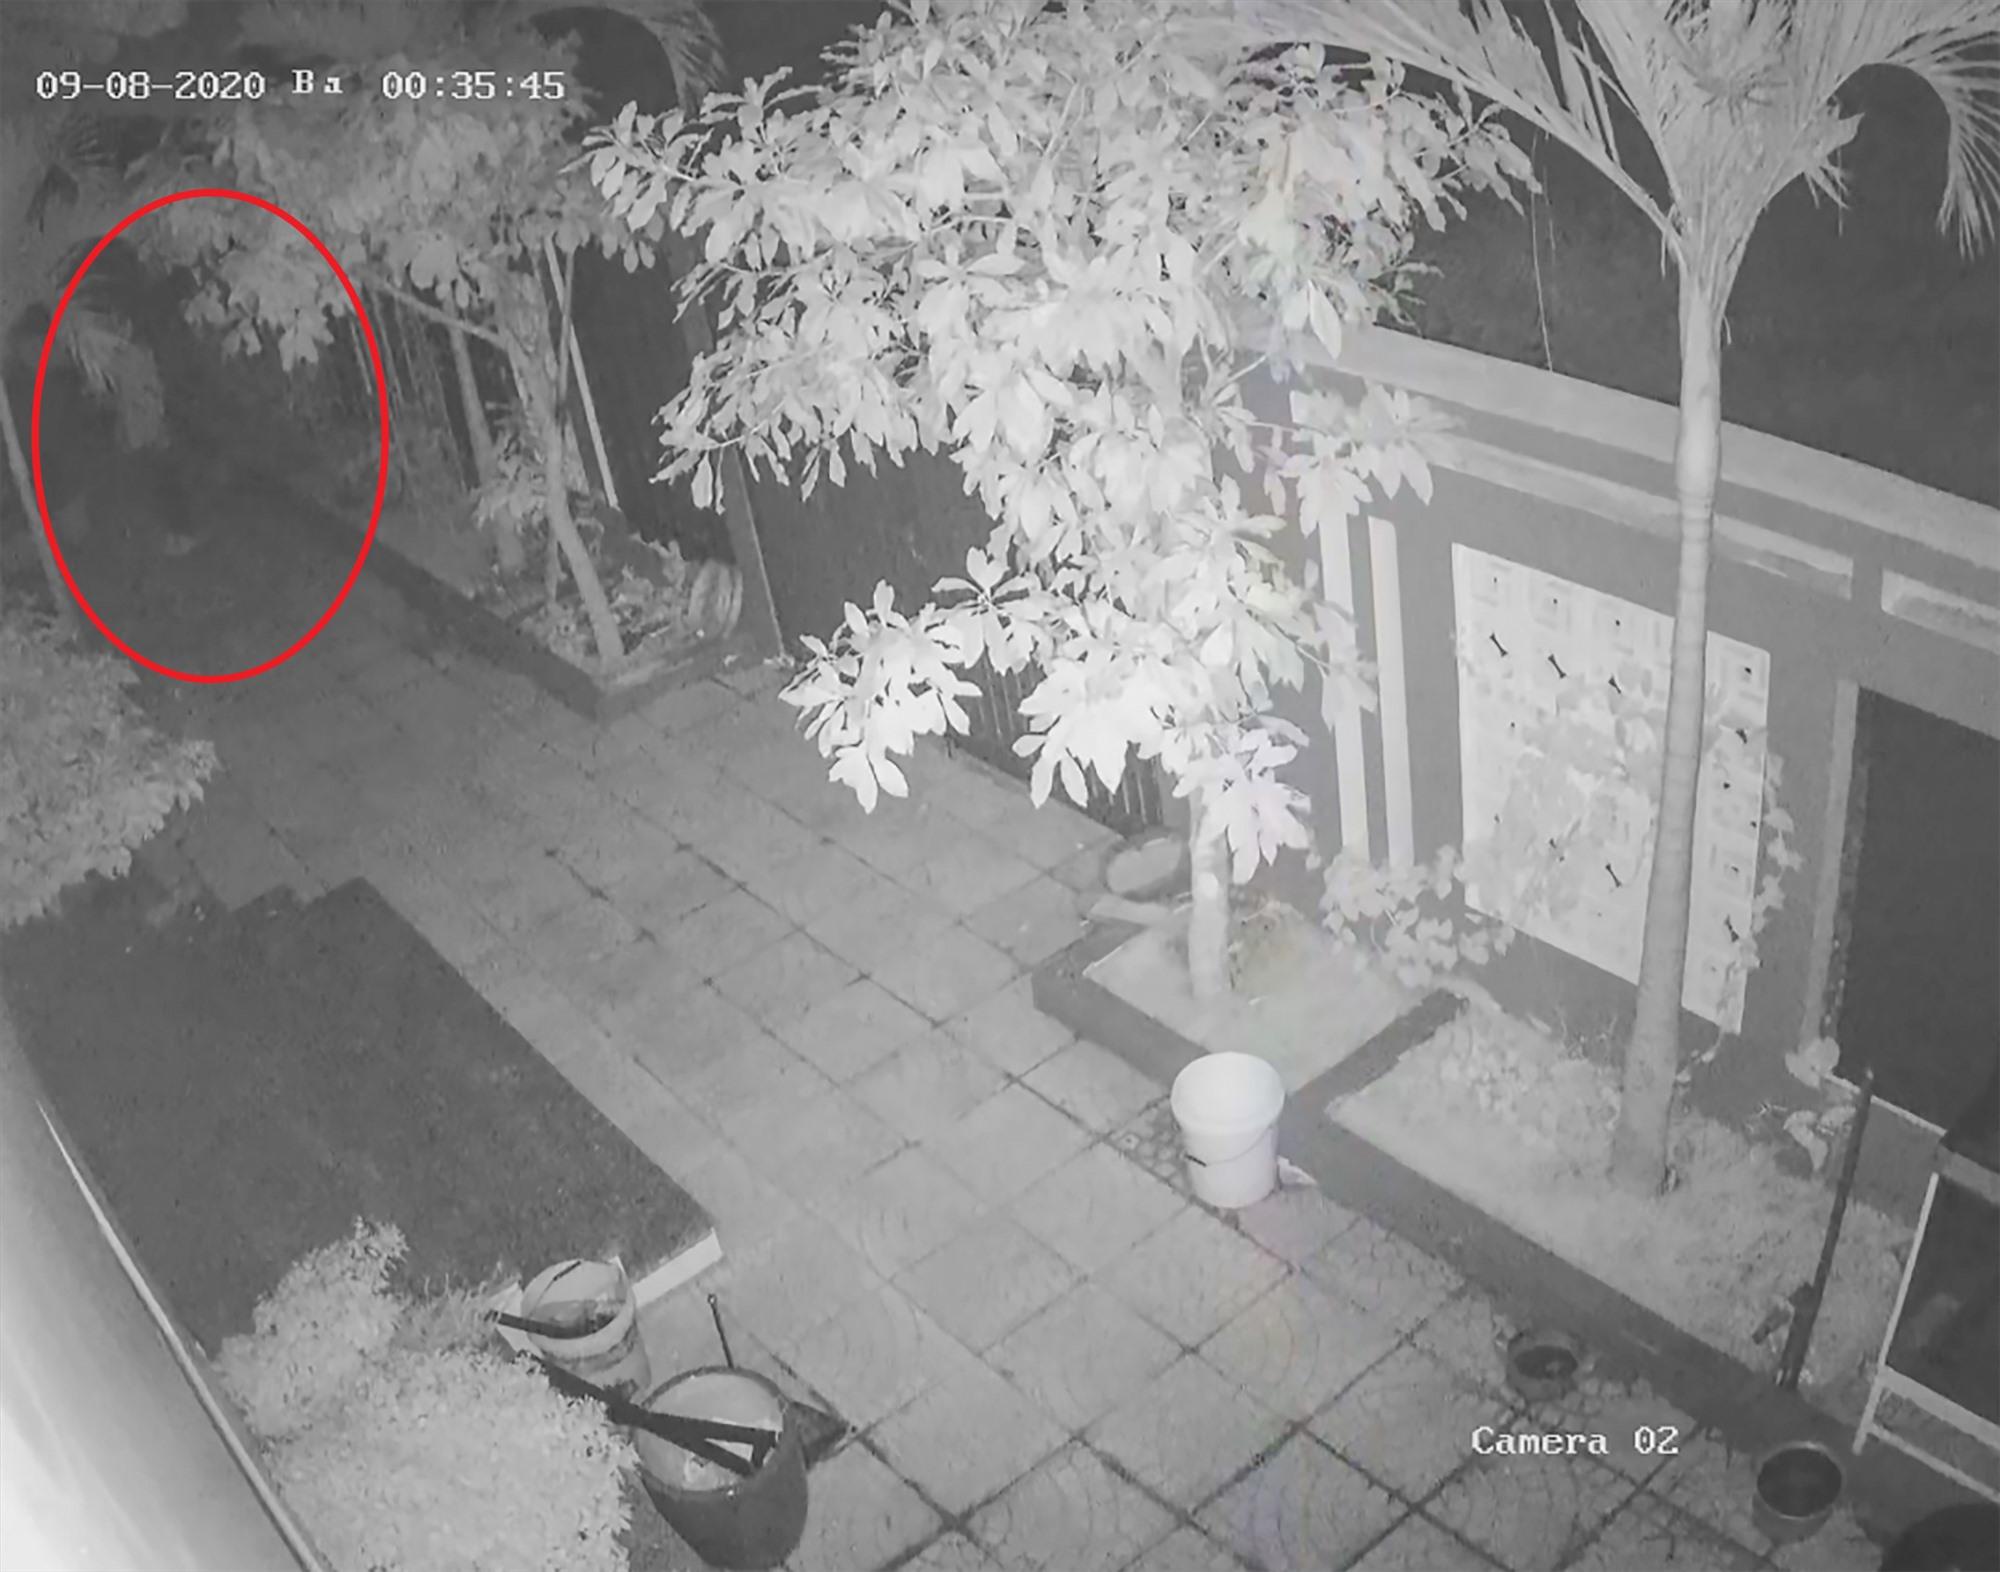 Một đối tượng đột nhập vào sân nhà anh Hoàng Thanh Trông lúc 0h35'. Phát hiện camera an ninh, đối tượng lẫn tránh, tìm cách lẻn vào nhà trộm cắp tài sản. Ảnh: NVCC